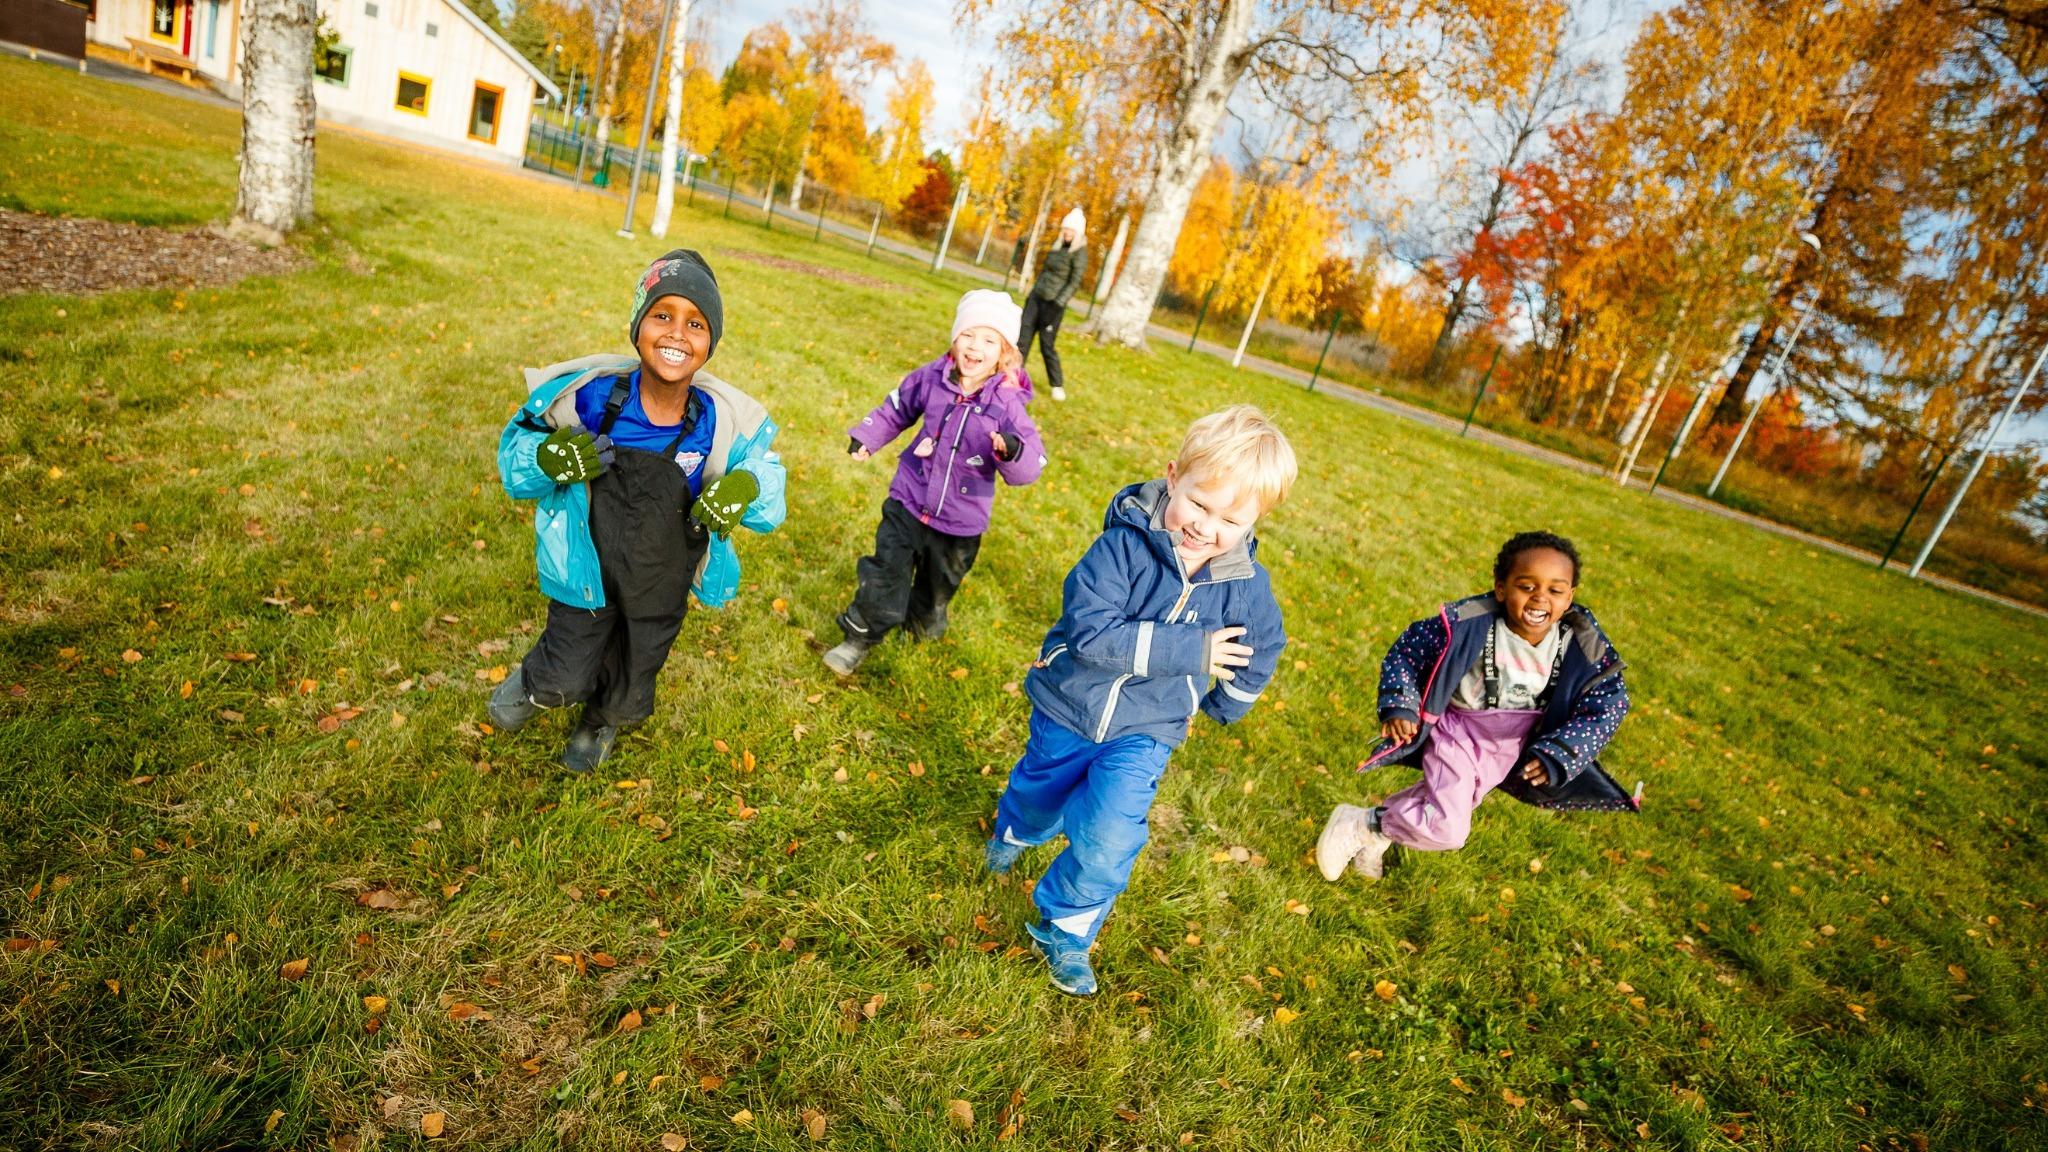 15-timmarsplats i förskola upphör fr o m 24 mars i syfte att minska smittspridning